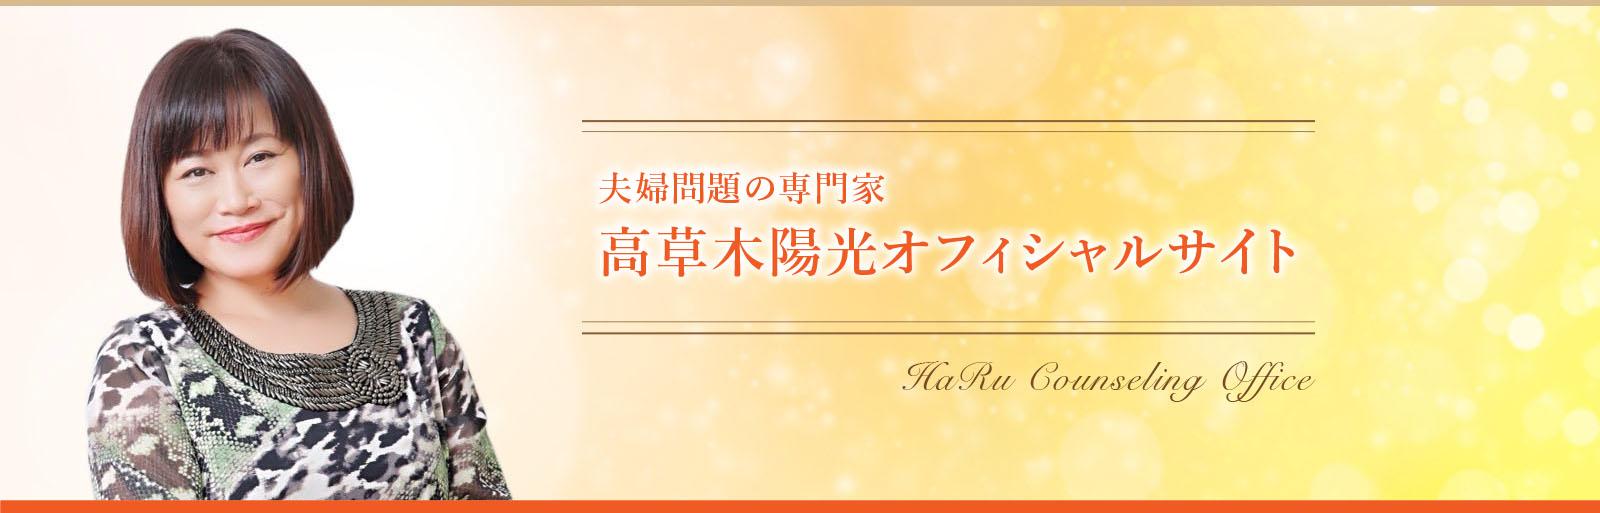 夫婦 カウンセリング 東京